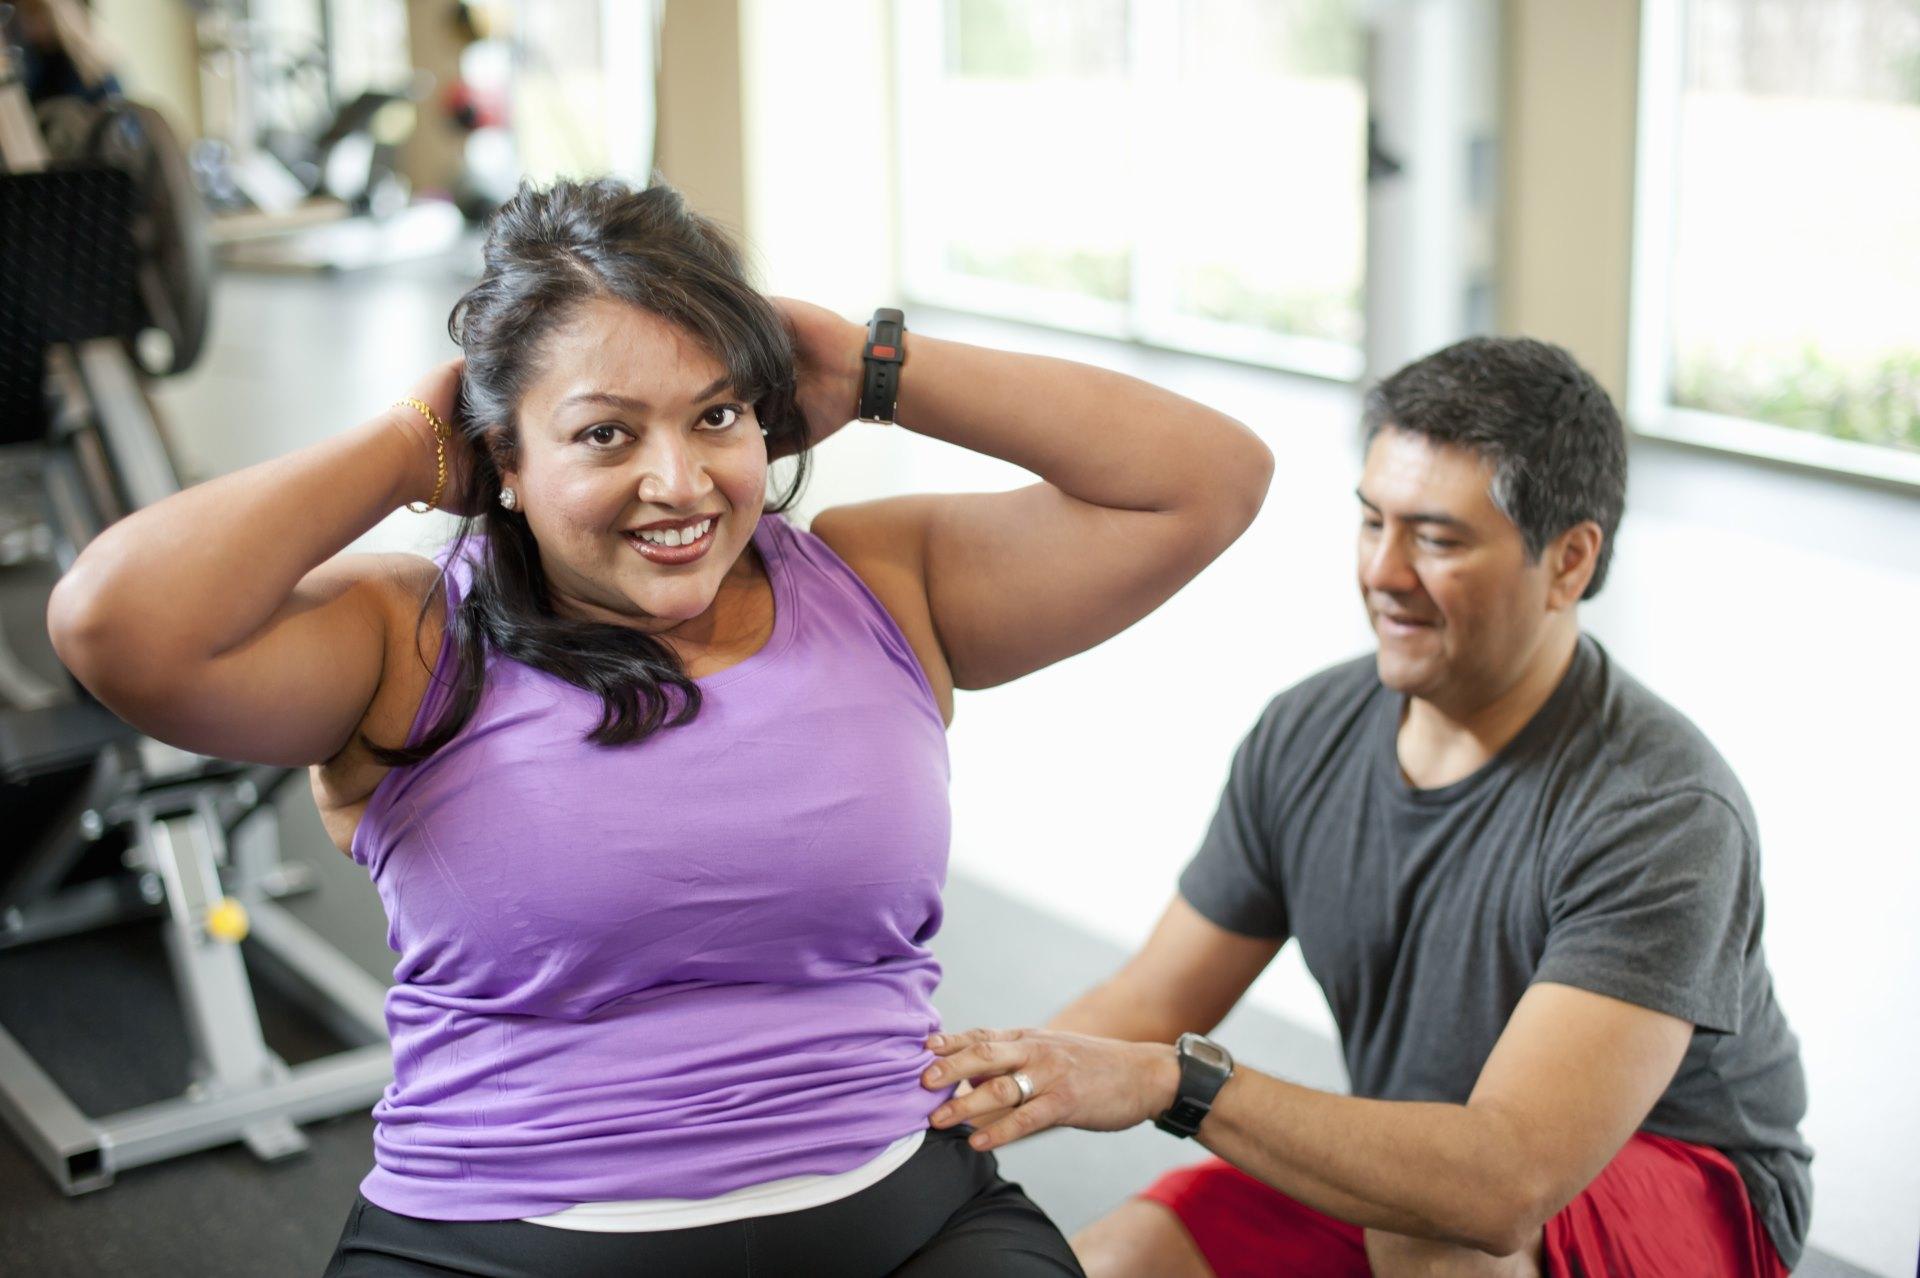 Entrenamiento en el gimnasio para combatir la obesidad